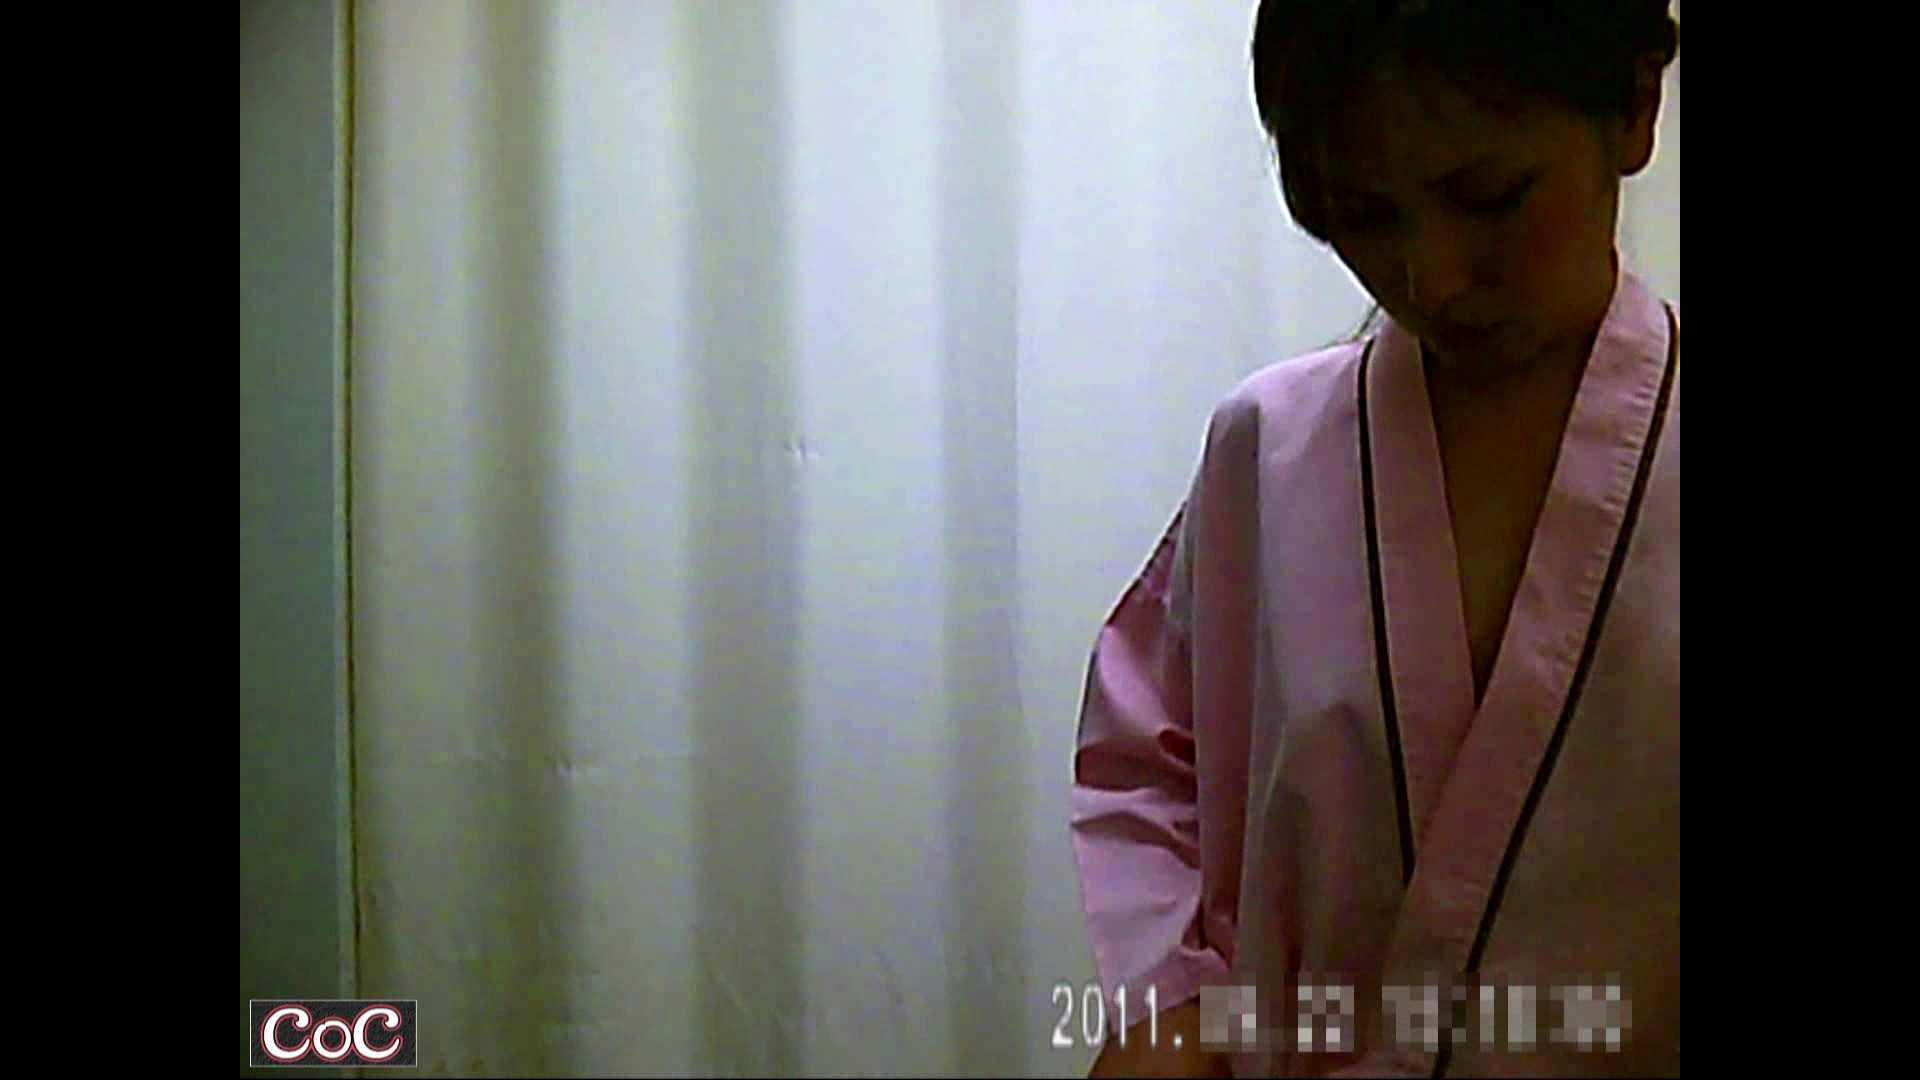 病院おもいっきり着替え! vol.32 貧乳編 ワレメ無修正動画無料 89画像 47